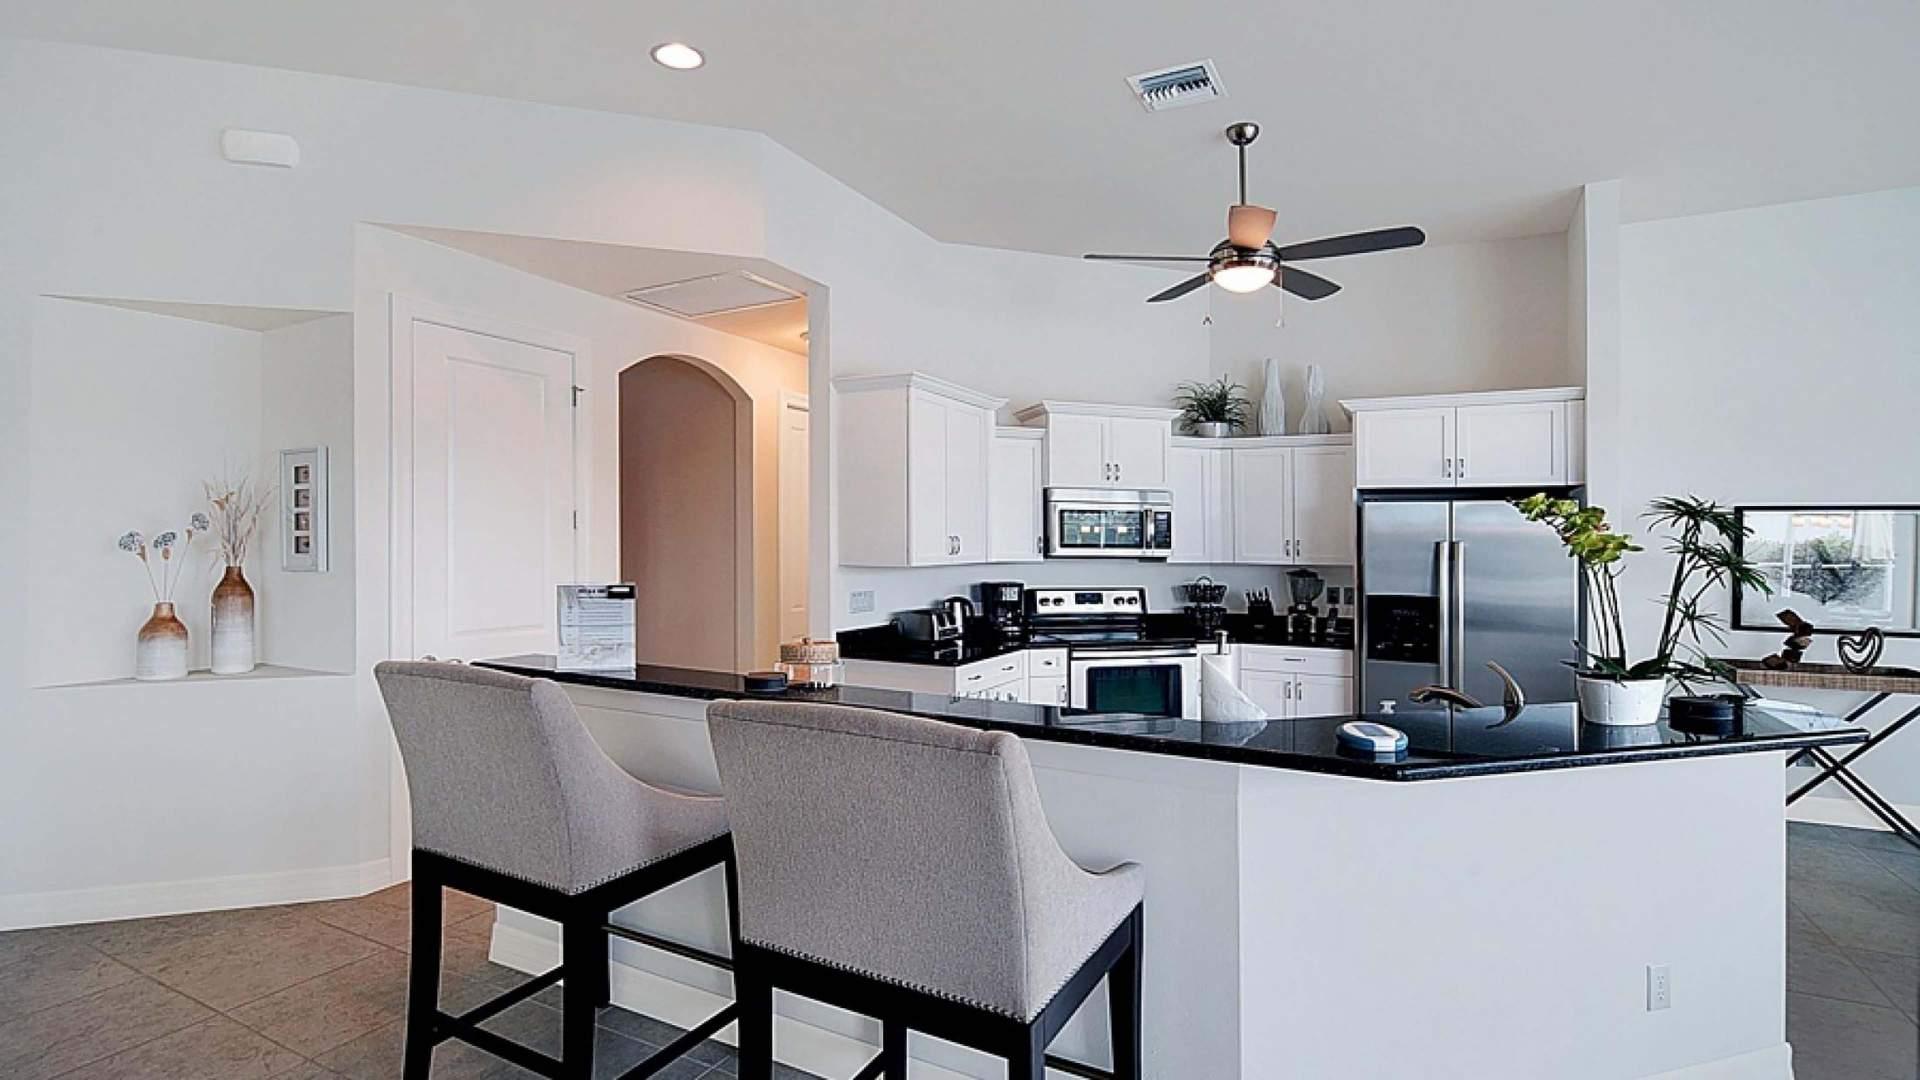 Villa Solitaire zum Träumen Traum Urlaub Florida